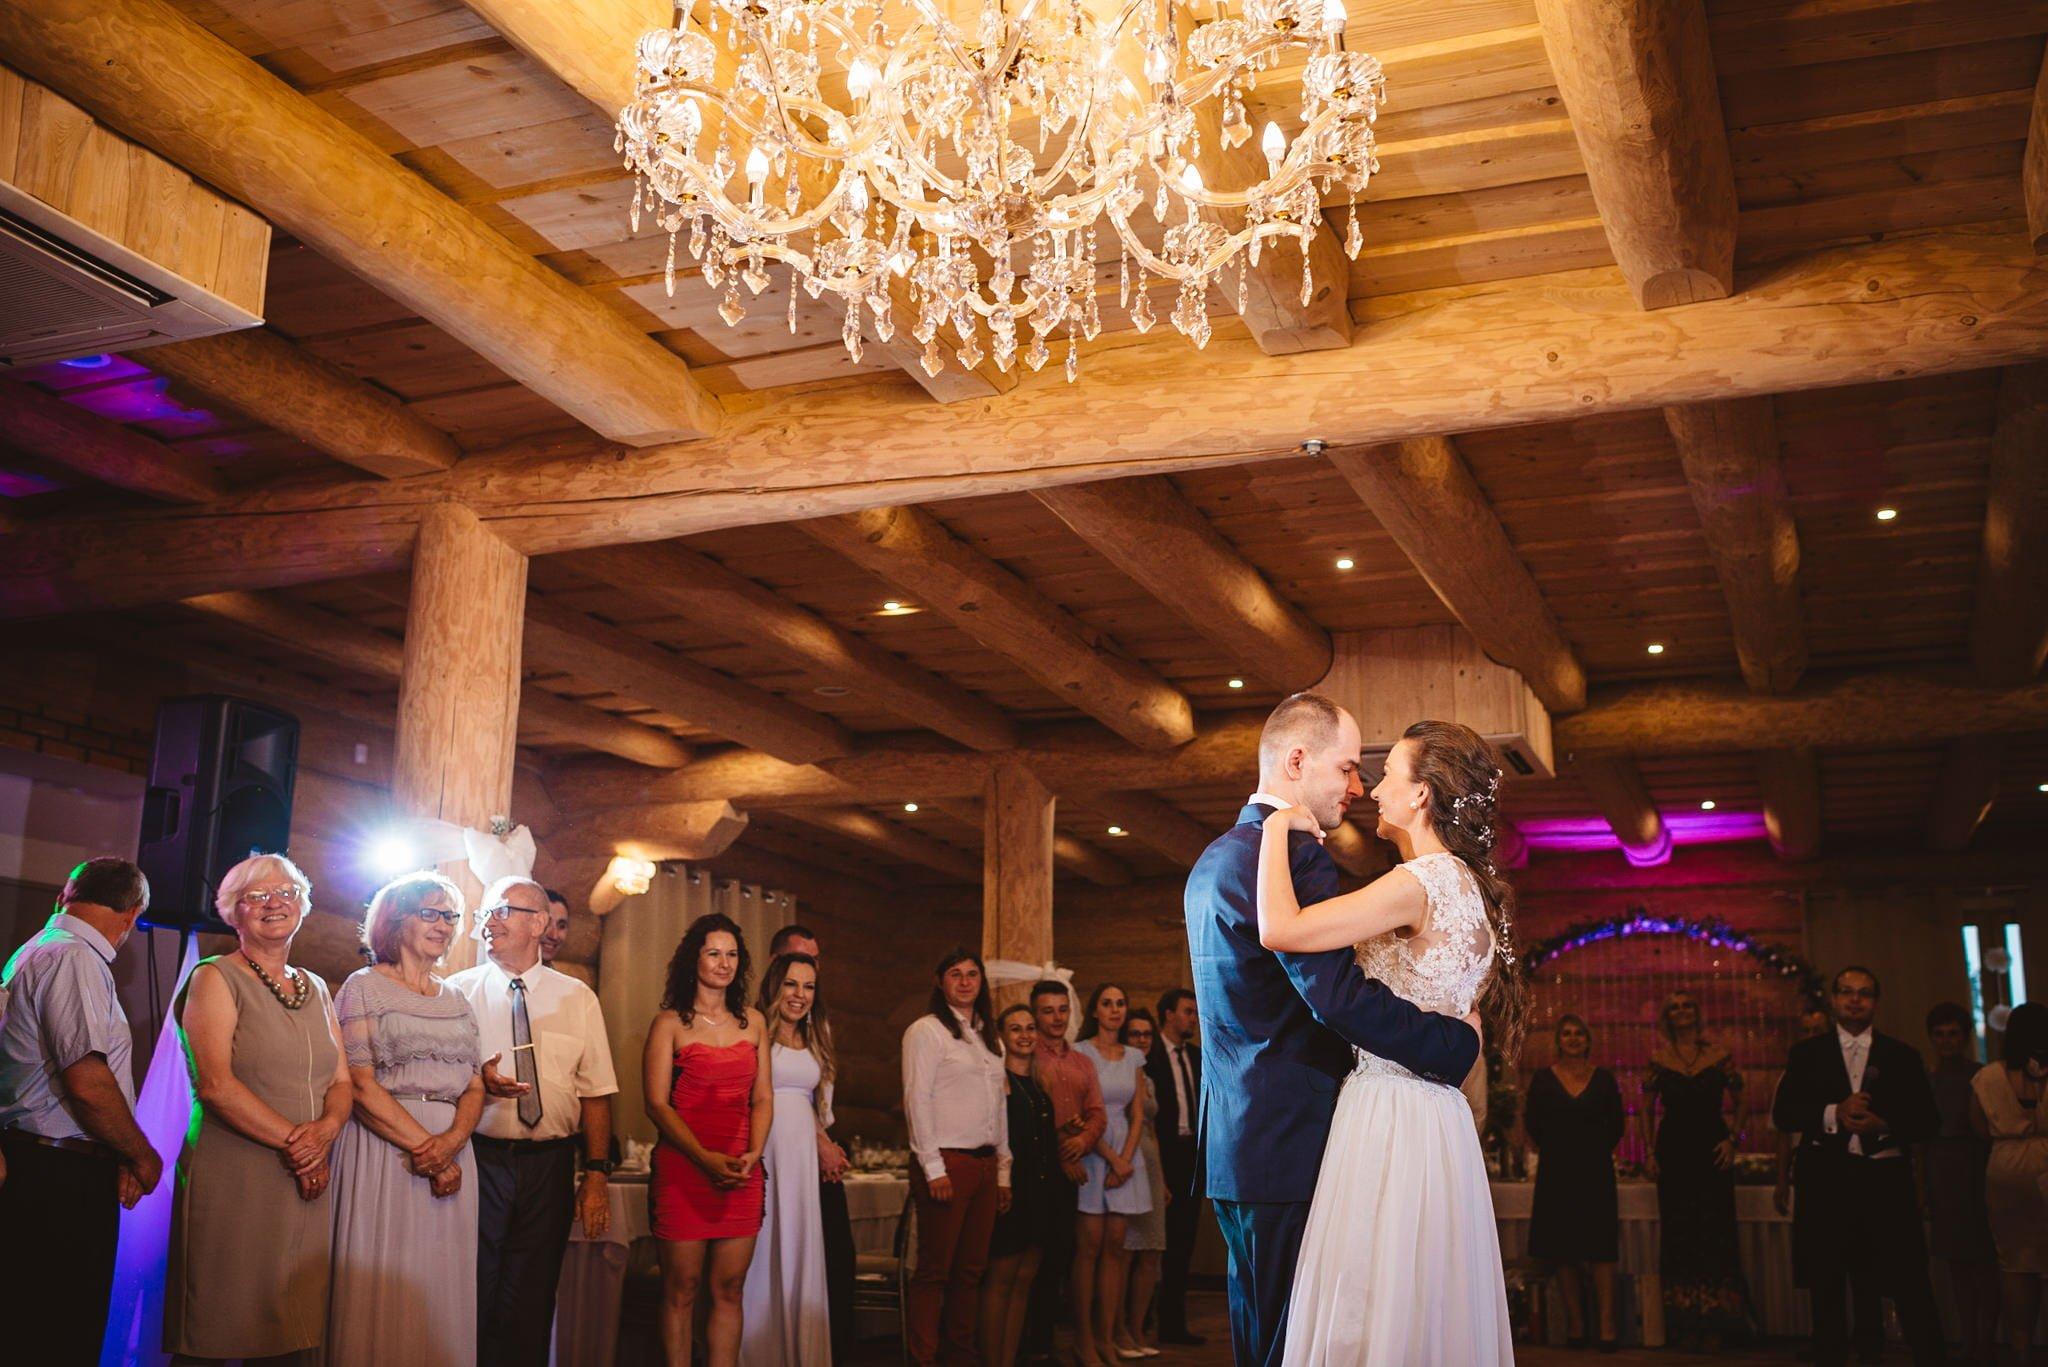 Ala i Arek, czyli jak zorganizować ślub i wesele w 4 tygodnie! 193